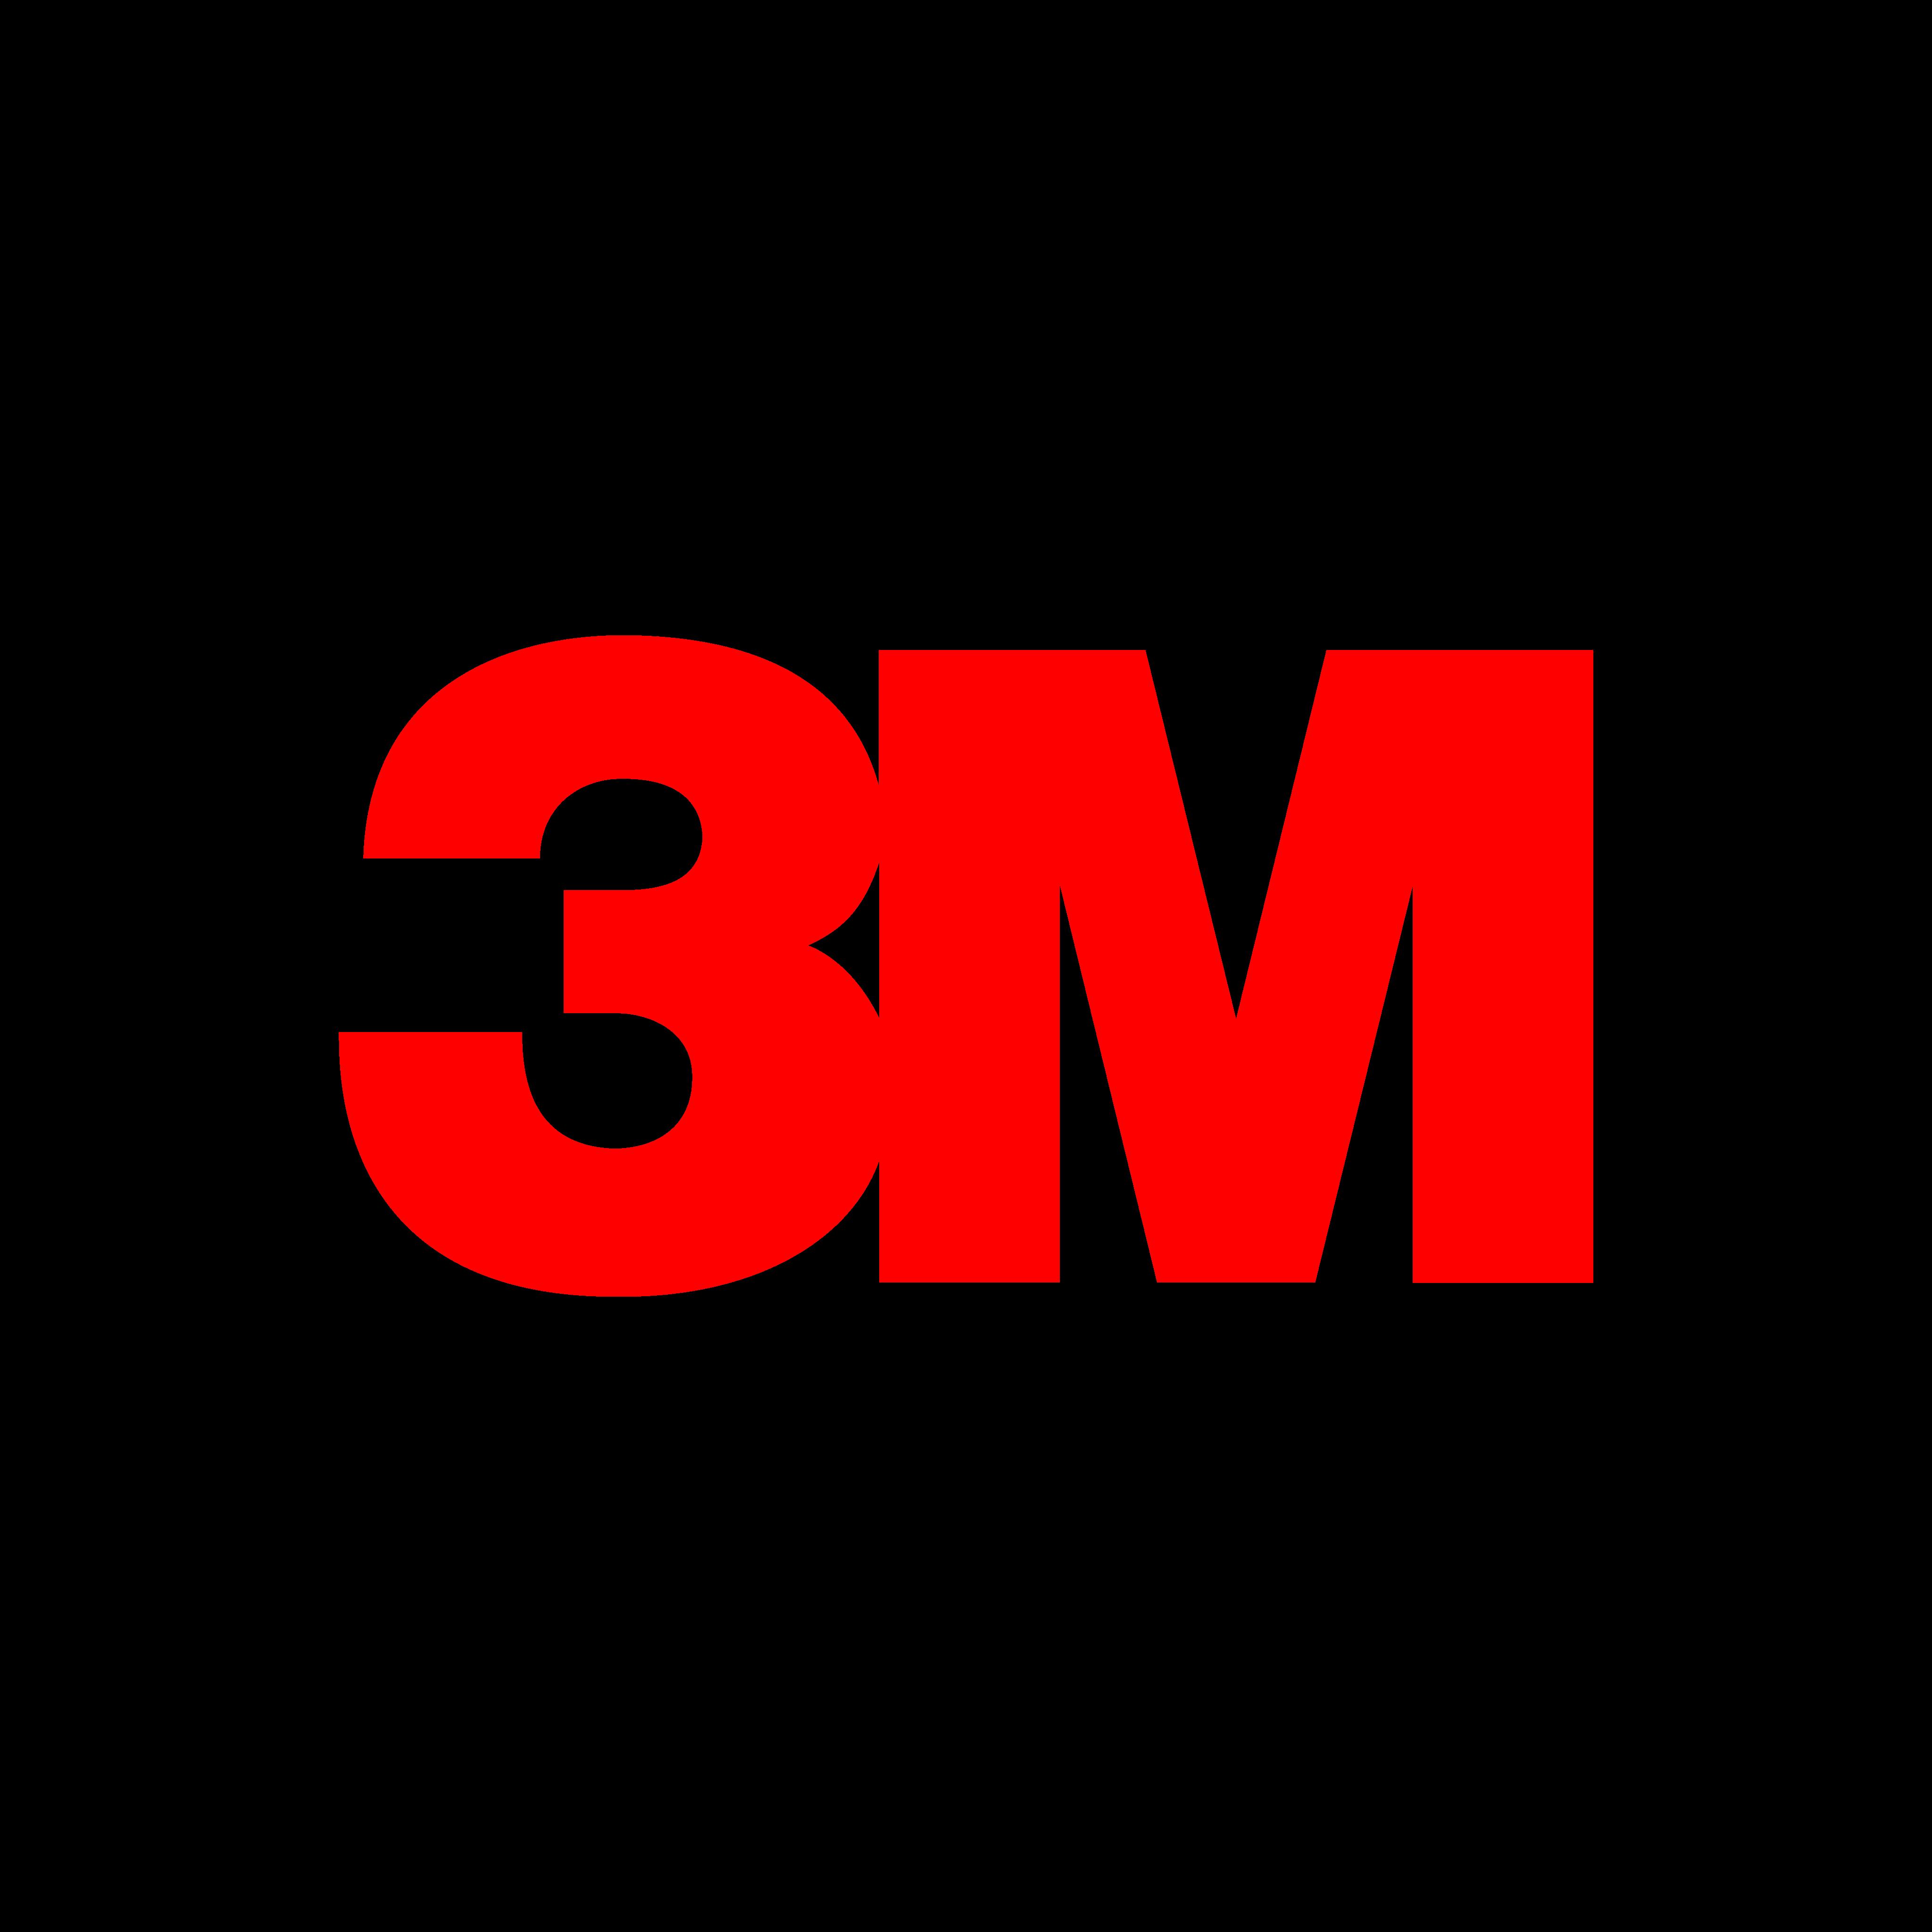 3m logo 0 - 3M Logo